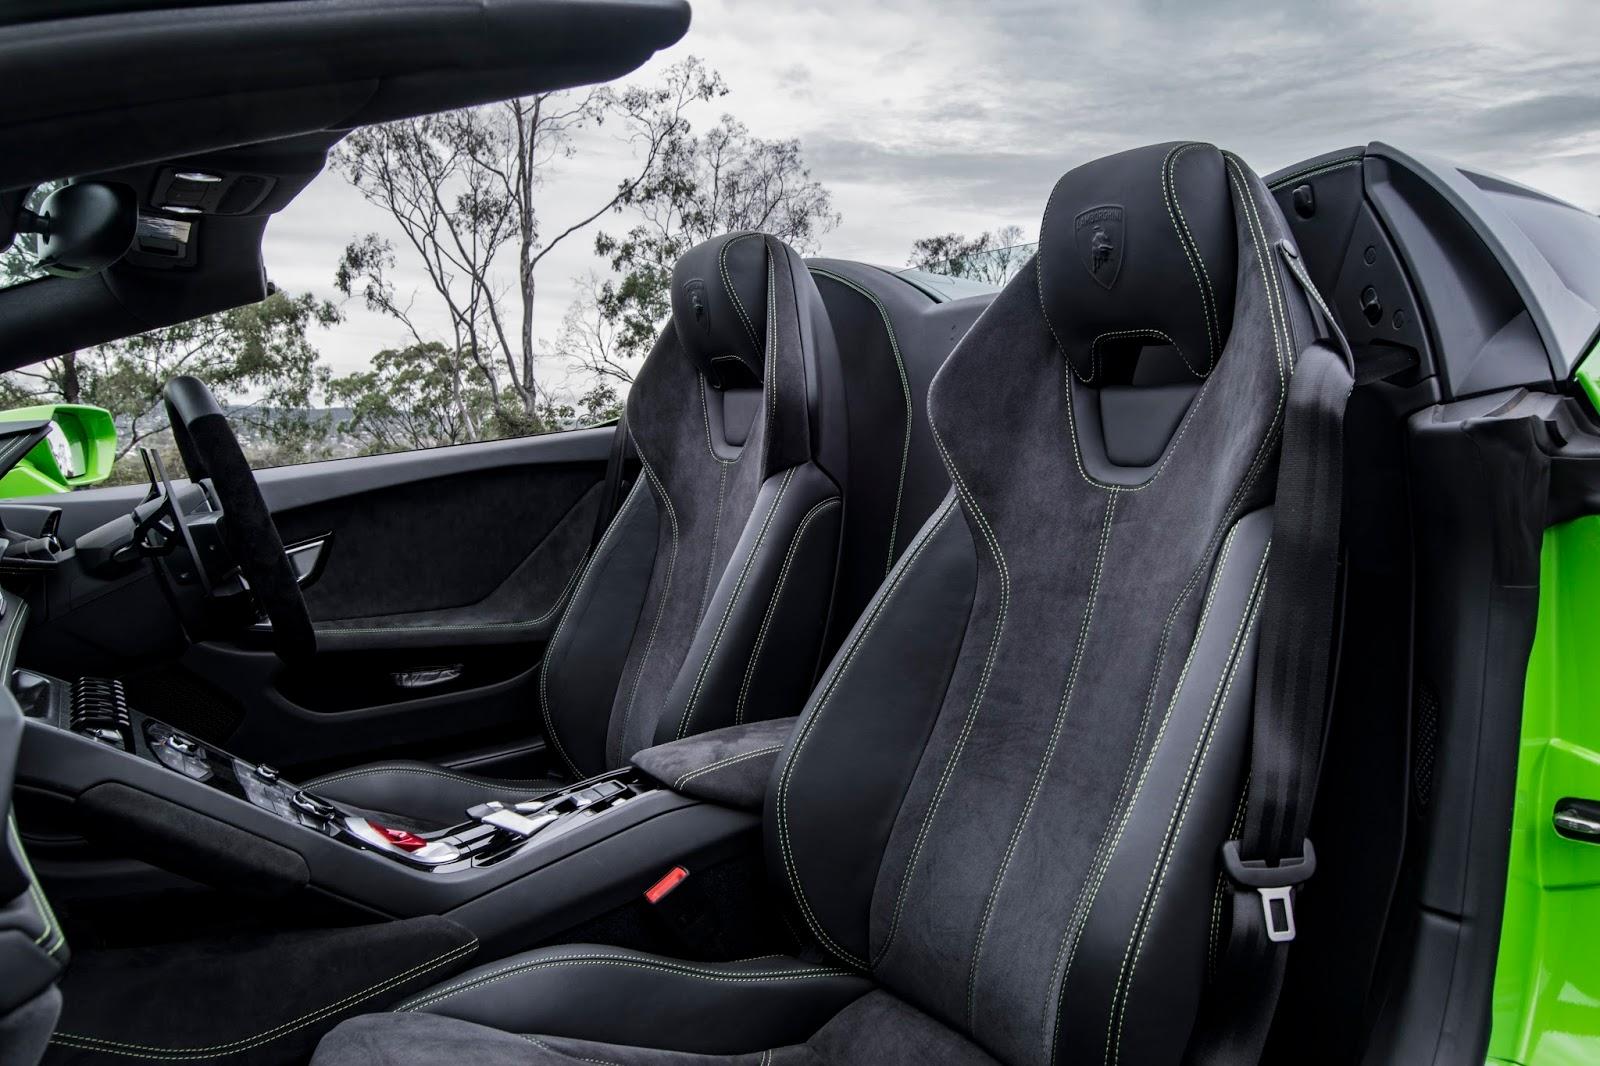 Nội thất của xe quá đẹp và thể thao, chắc chắn ngồi lên sẽ thấy phát cuồng